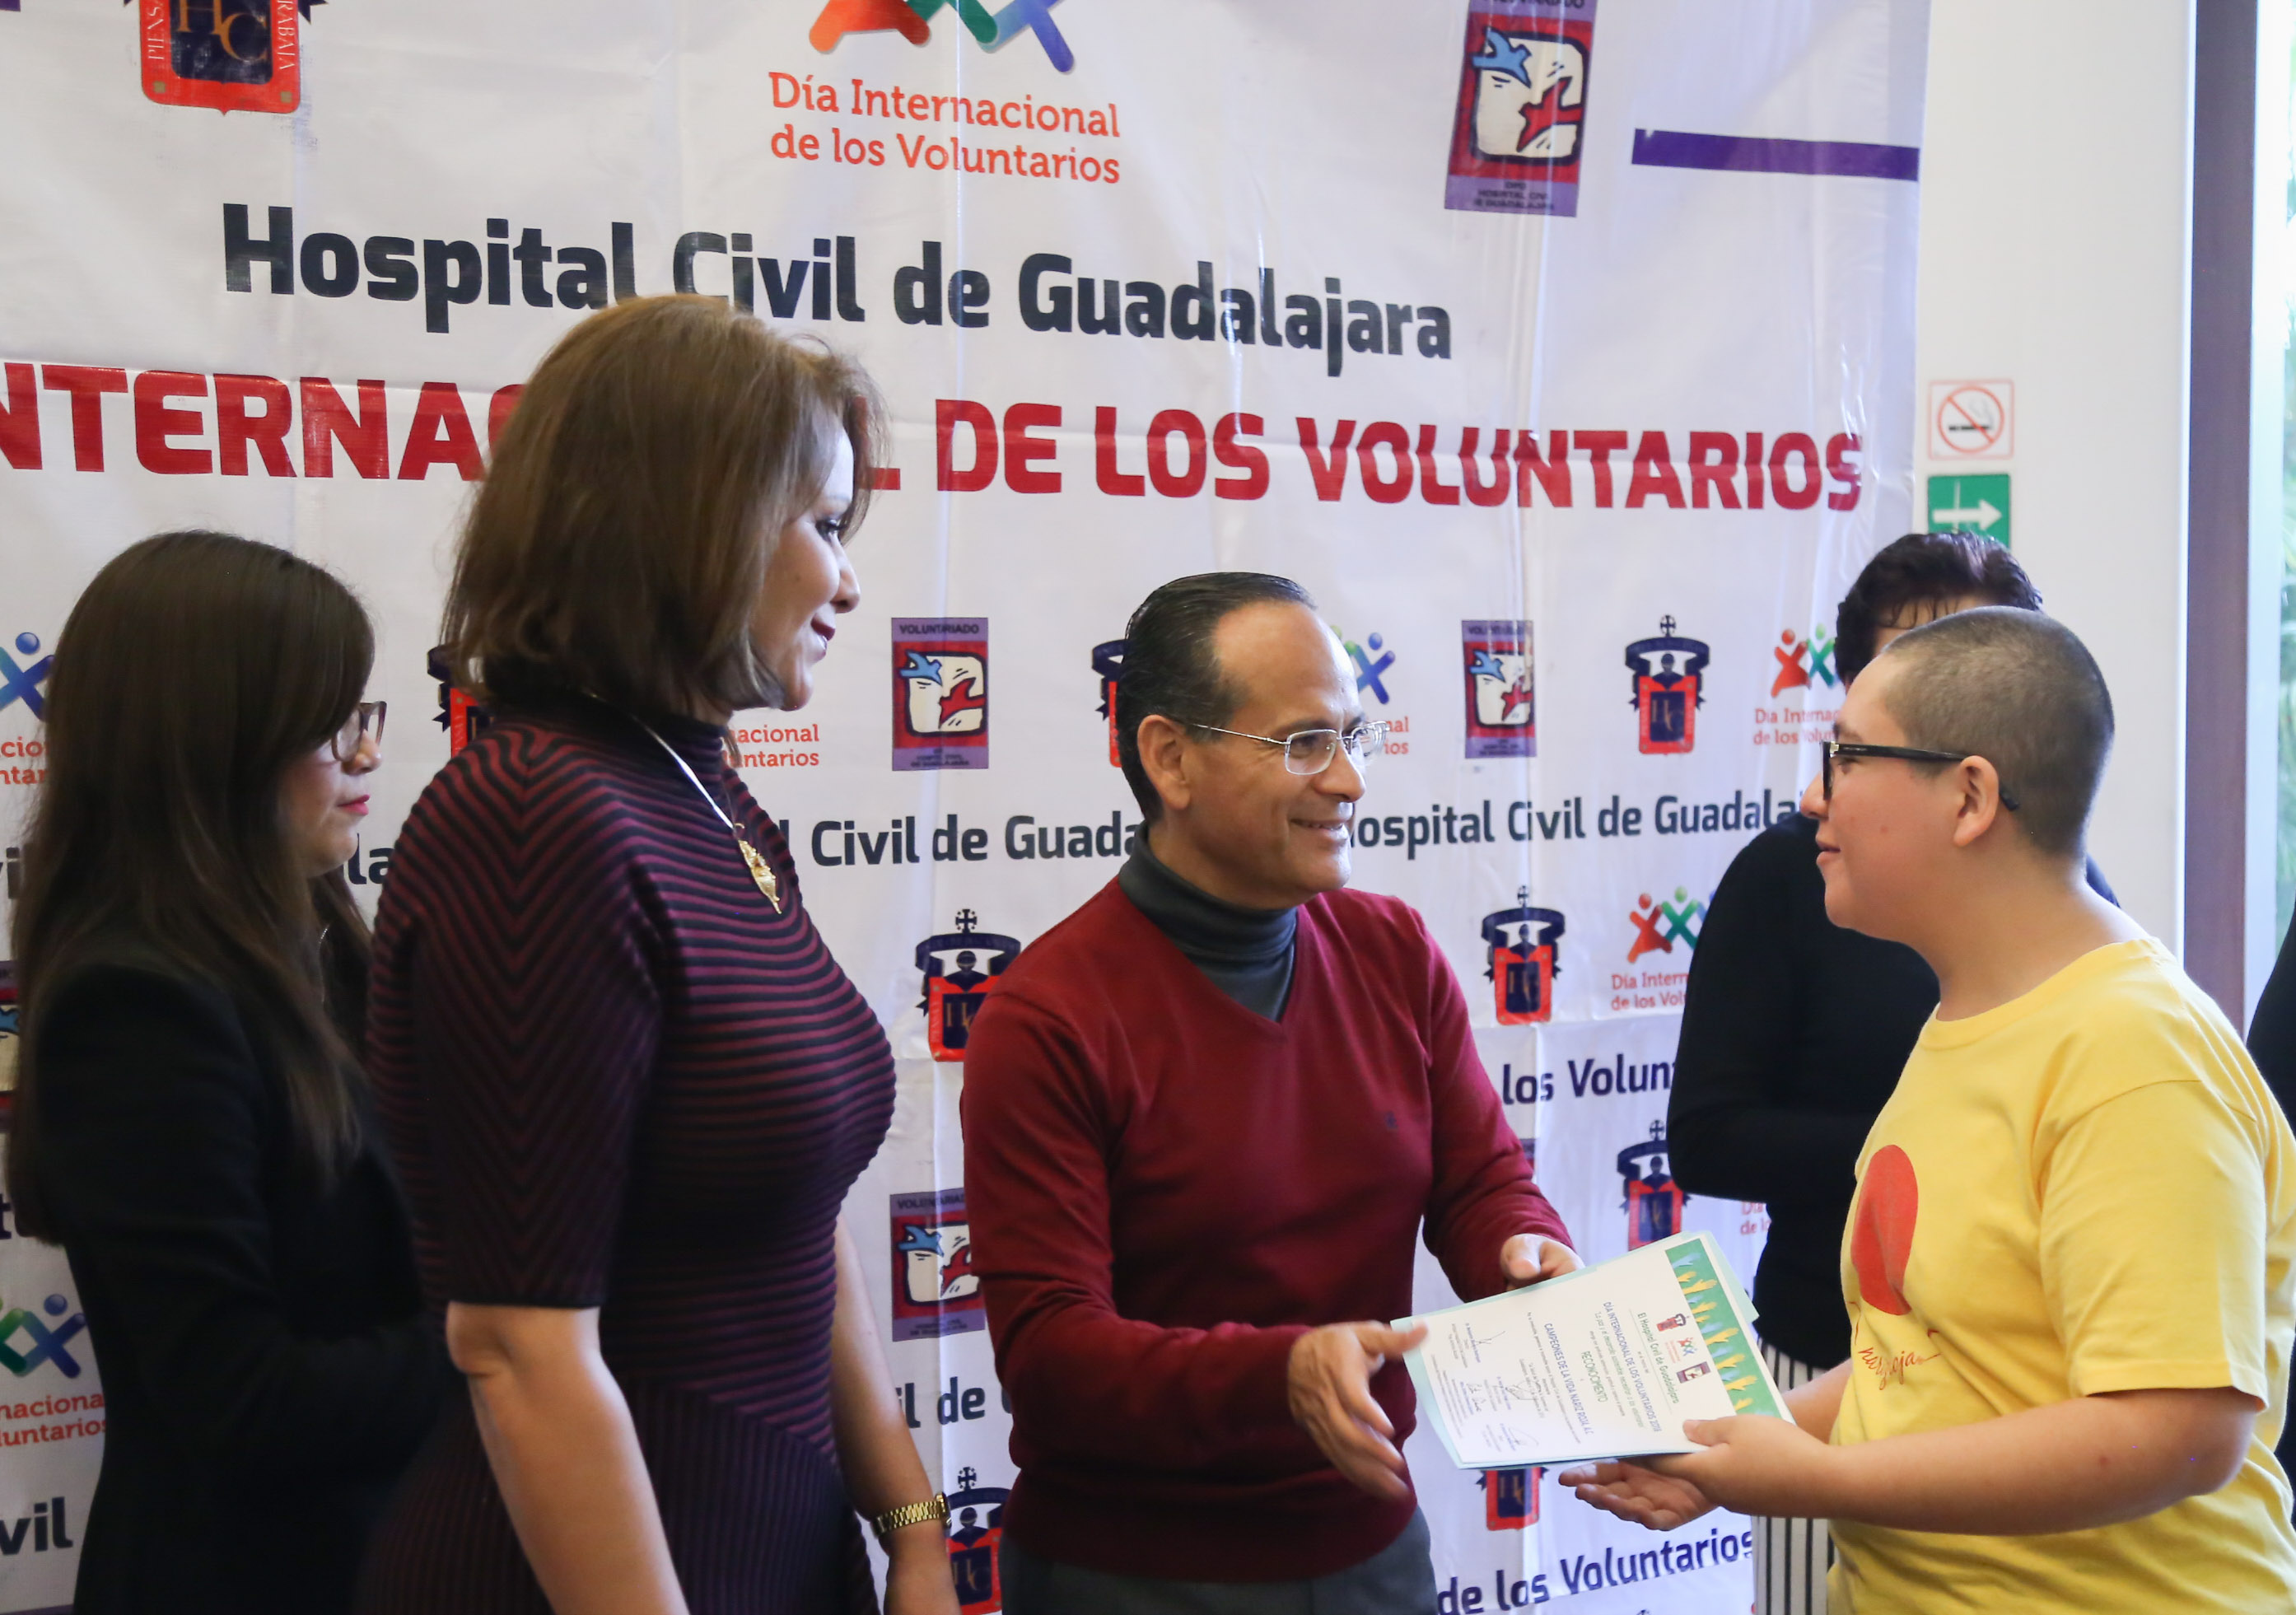 El doctor Héctor Raúl Pérez Gómez con integrantes de  hace entrega del reconocimiento a un voluntario de la asociacion CAMPEONES DE VIDA NARIZ ROJA